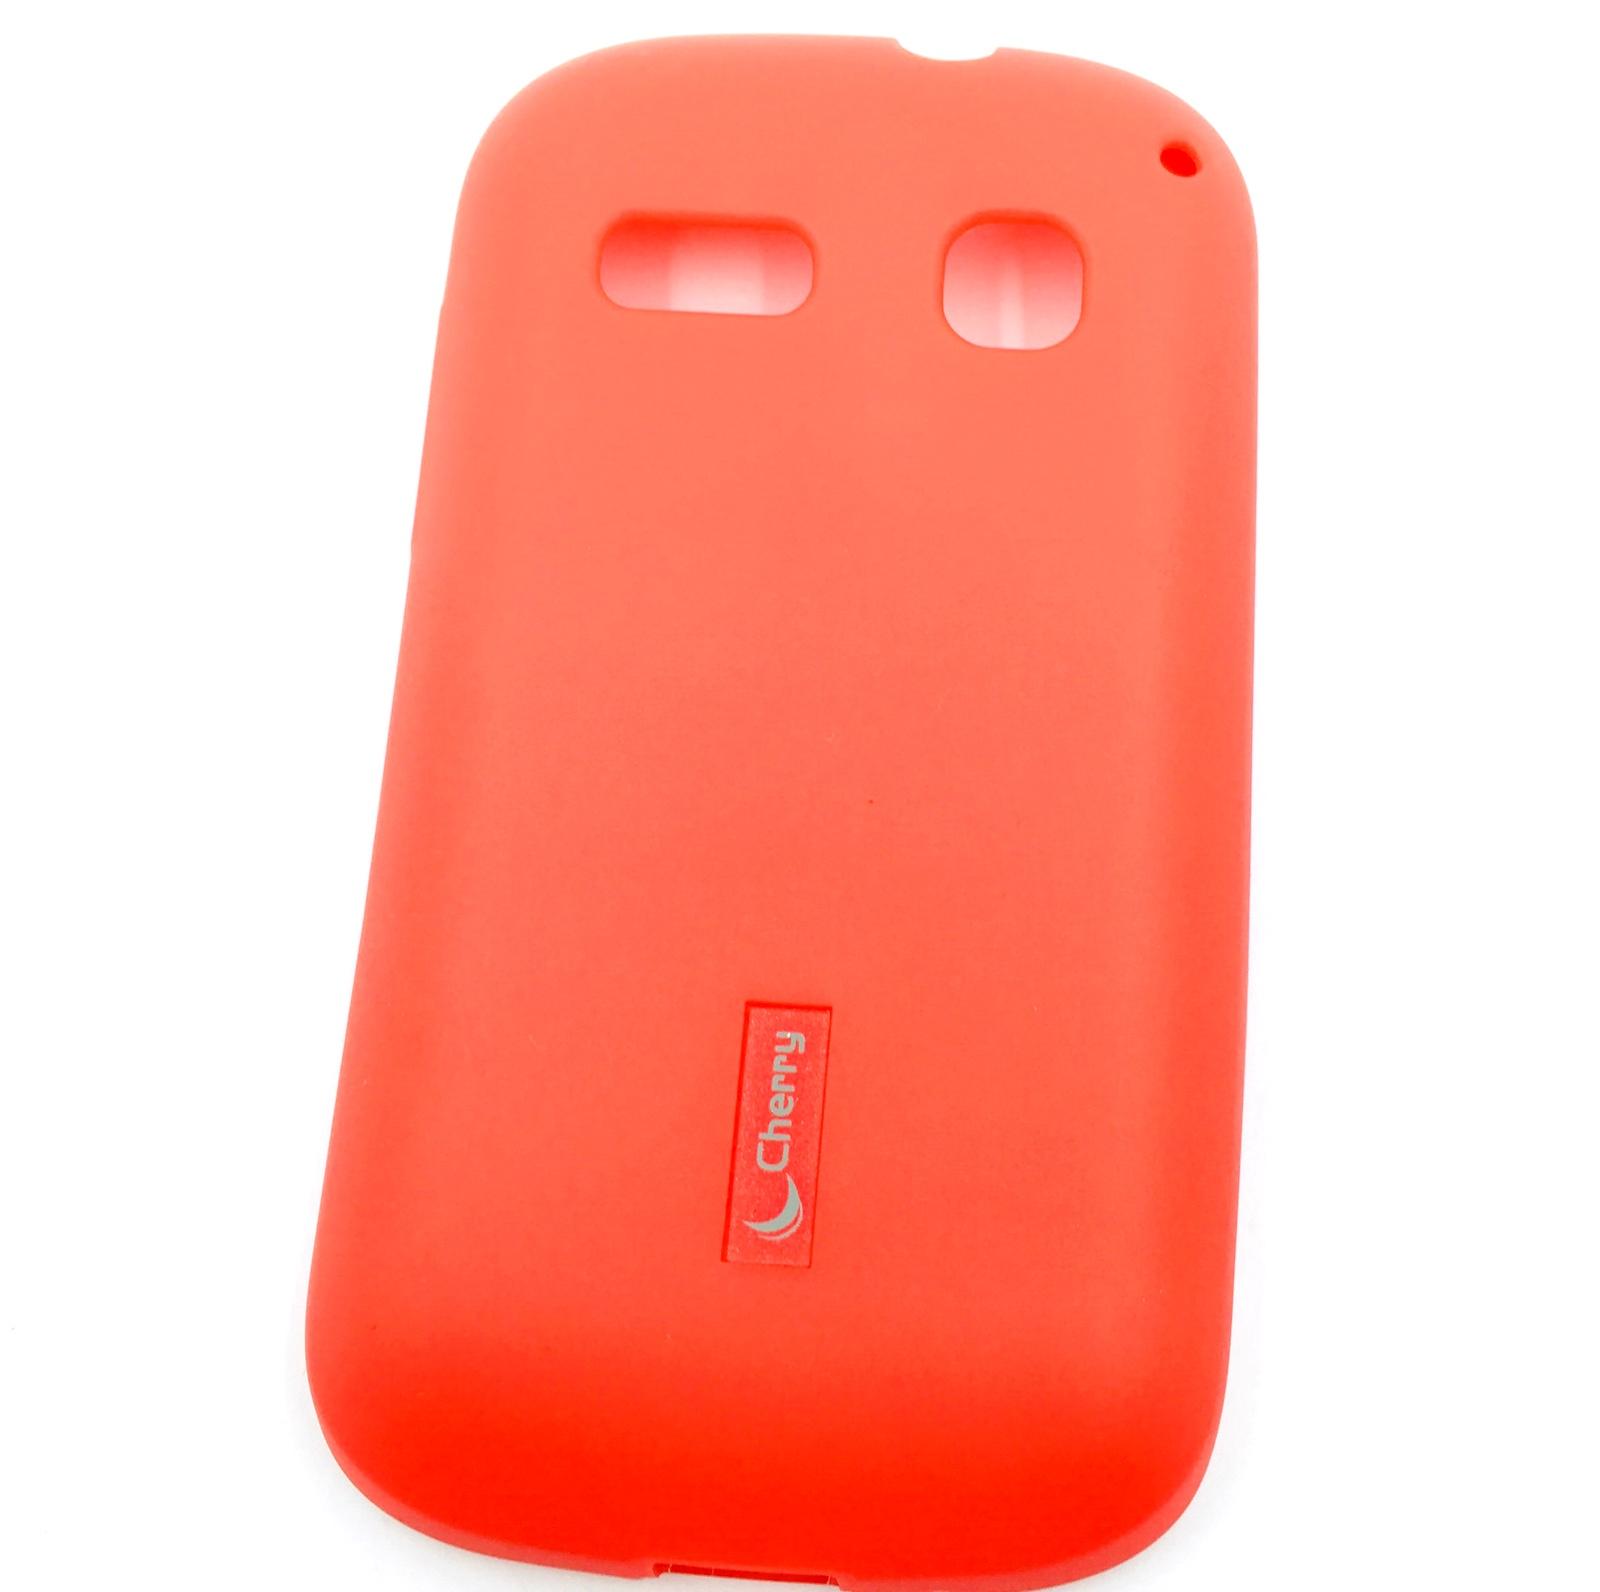 все цены на Чехол для сотового телефона Cherry Alcatel C3/OT4033D Накладка резиновая с пленкой на экран, красный онлайн